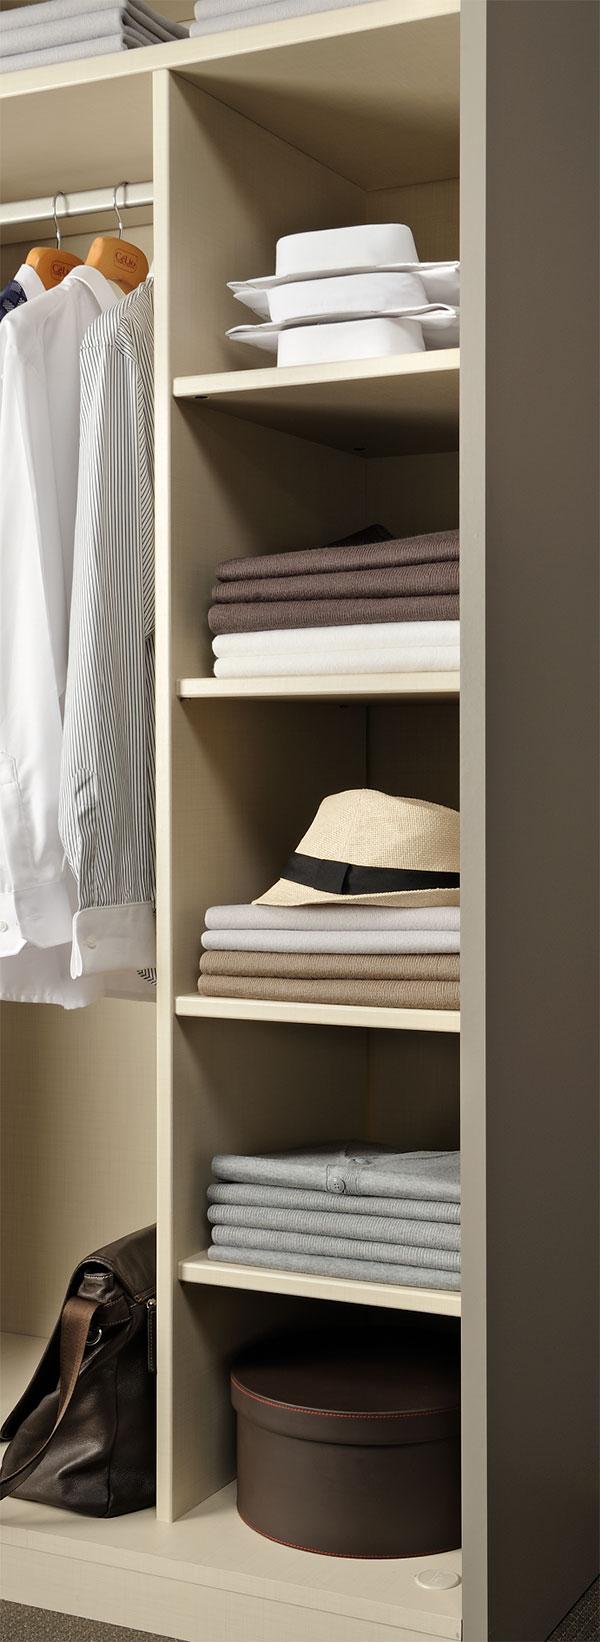 colonne-rangement-dressing-ameublier